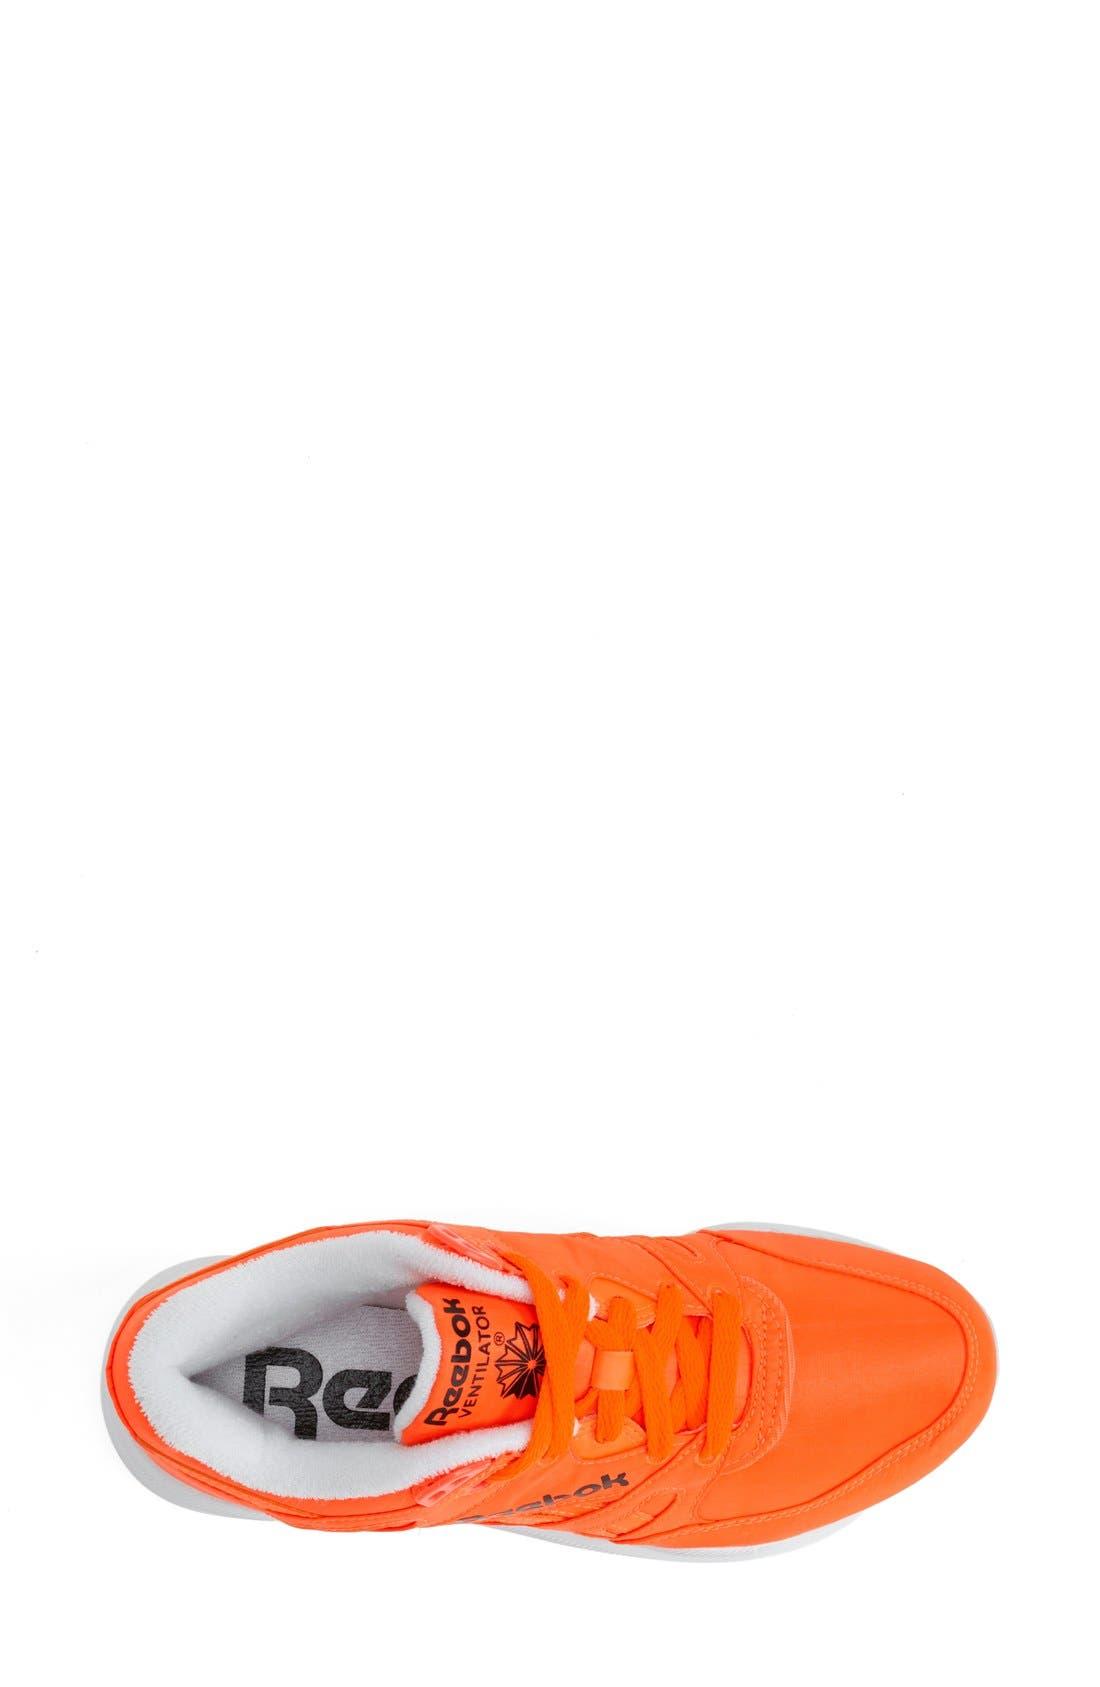 Alternate Image 3  - Reebok 'Ventilator' Sneaker (Women)